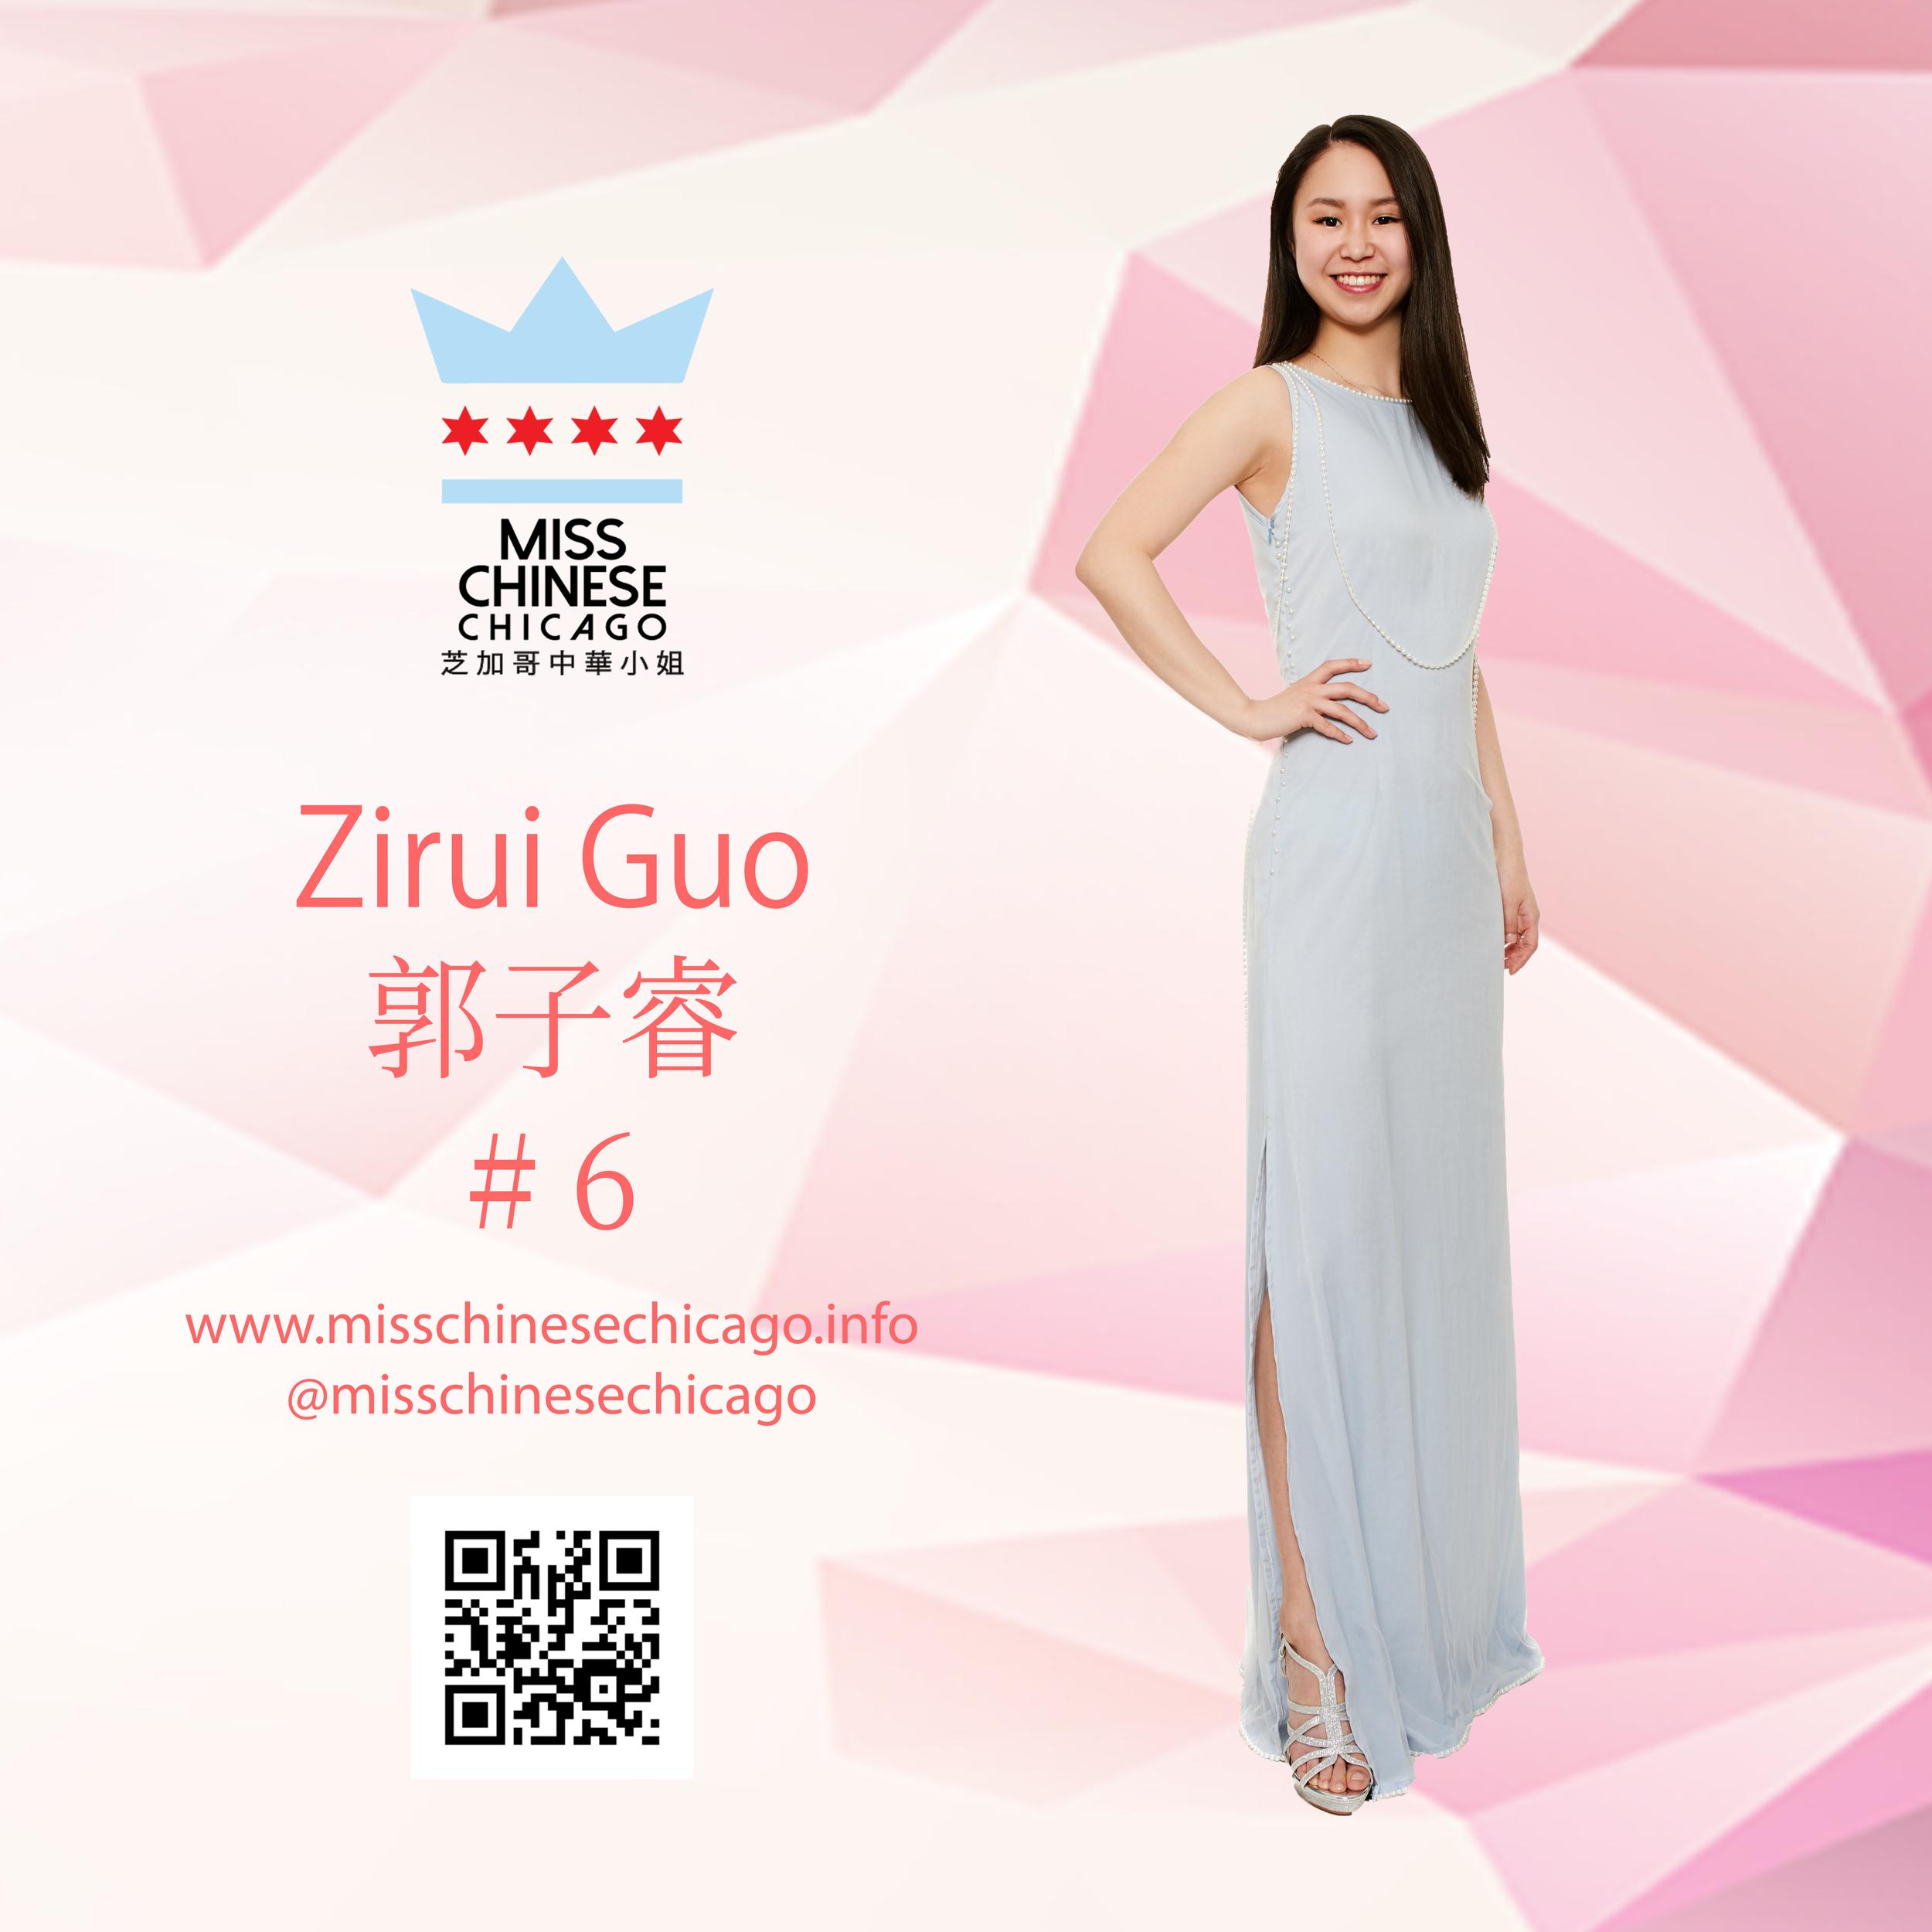 Zirui_Guo_Evening_IG.png